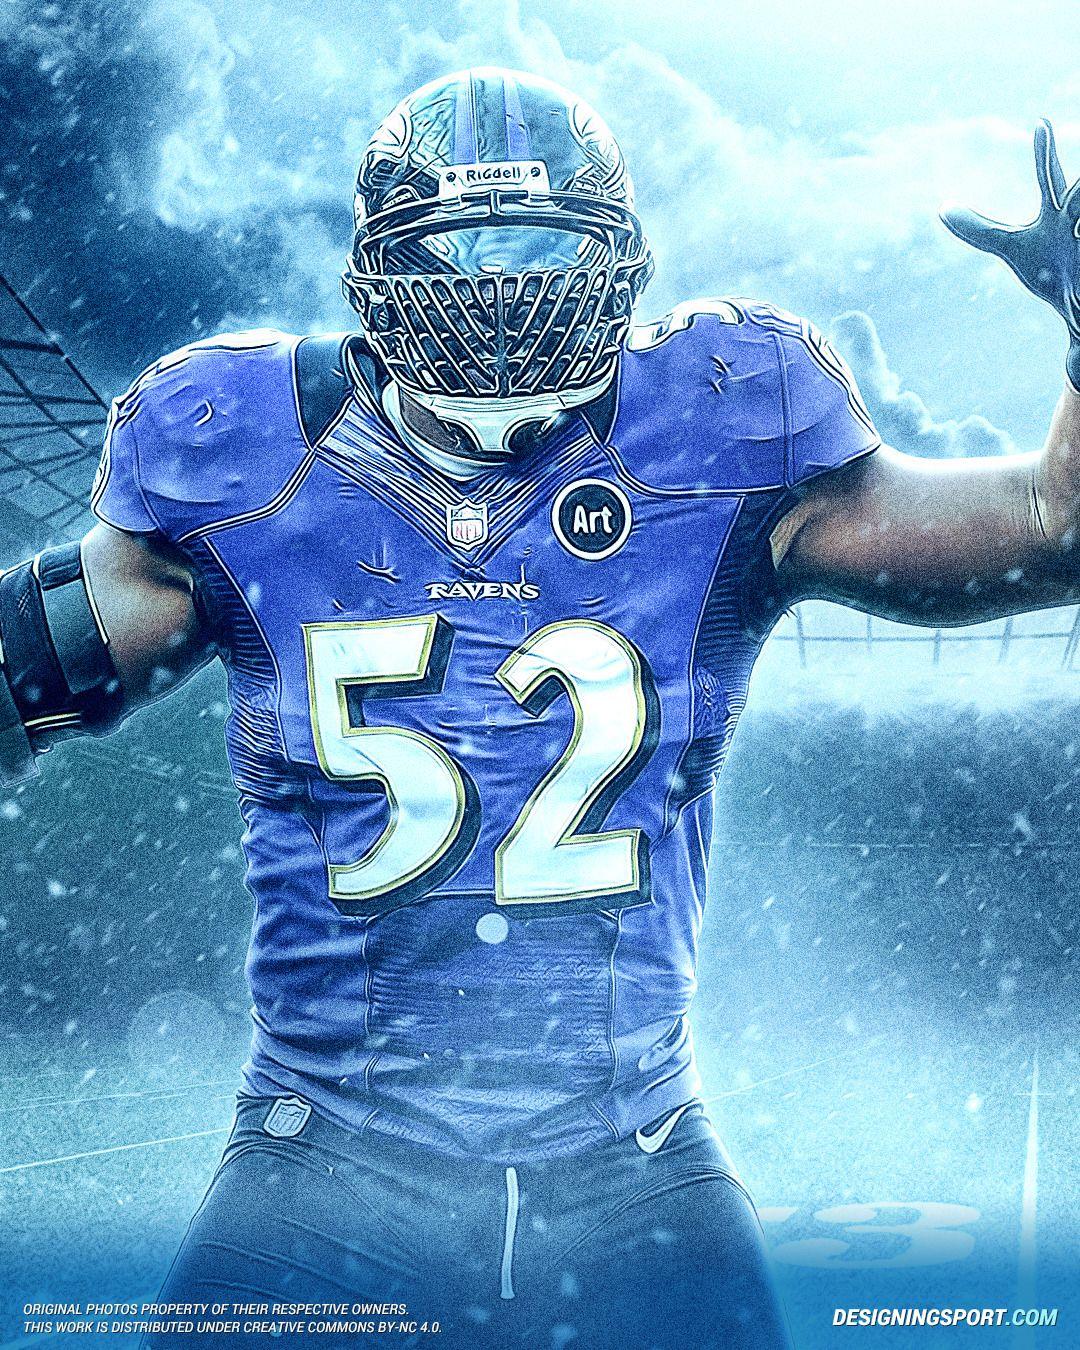 Designing Sport — Ray Lewis, Baltimore Ravens Baltimore